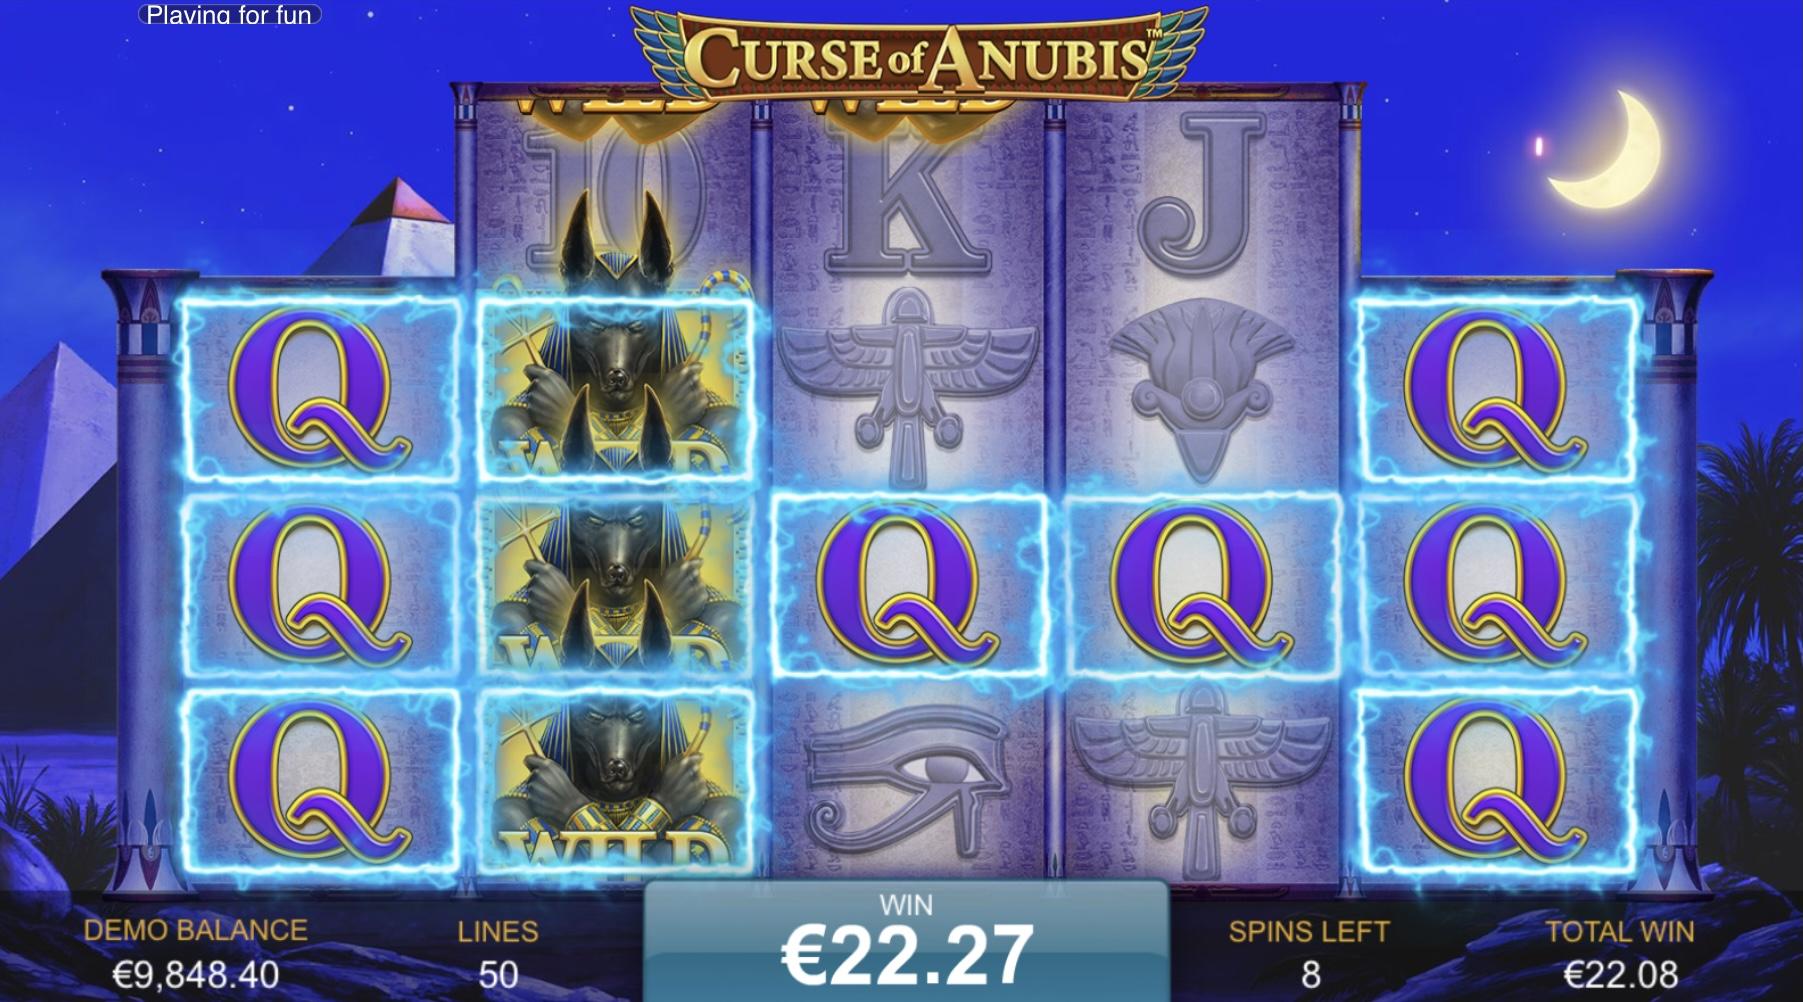 You are currently viewing เกมส์สล็อต ออนไลน์ Curse of Anubis ฟรีเกมส์ง่าย